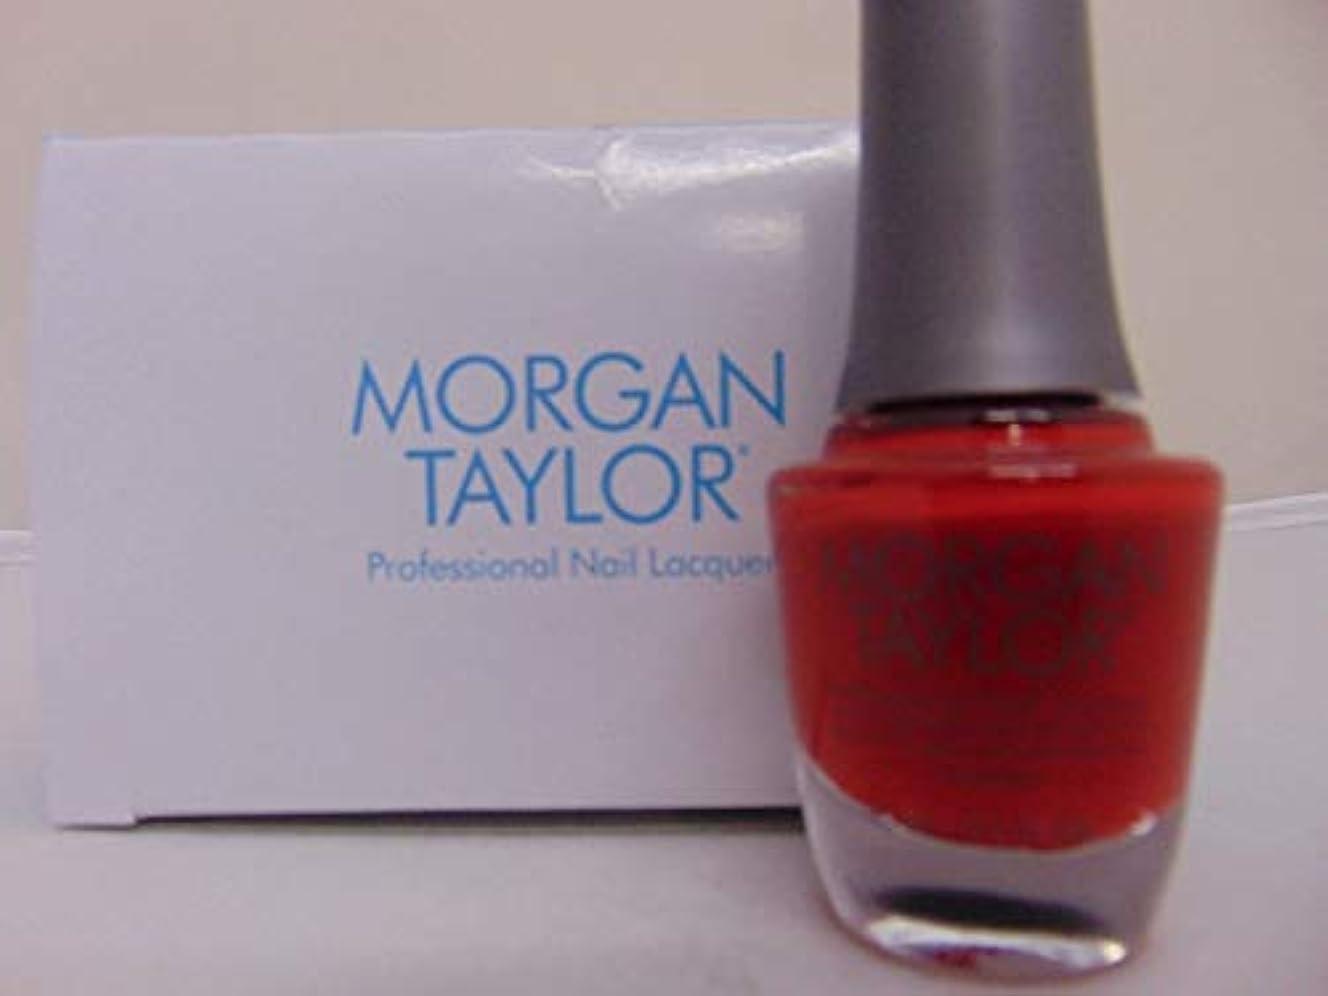 Morgan Taylor - Professional Nail Lacquer - Scandalous - 15 mL / 0.5oz